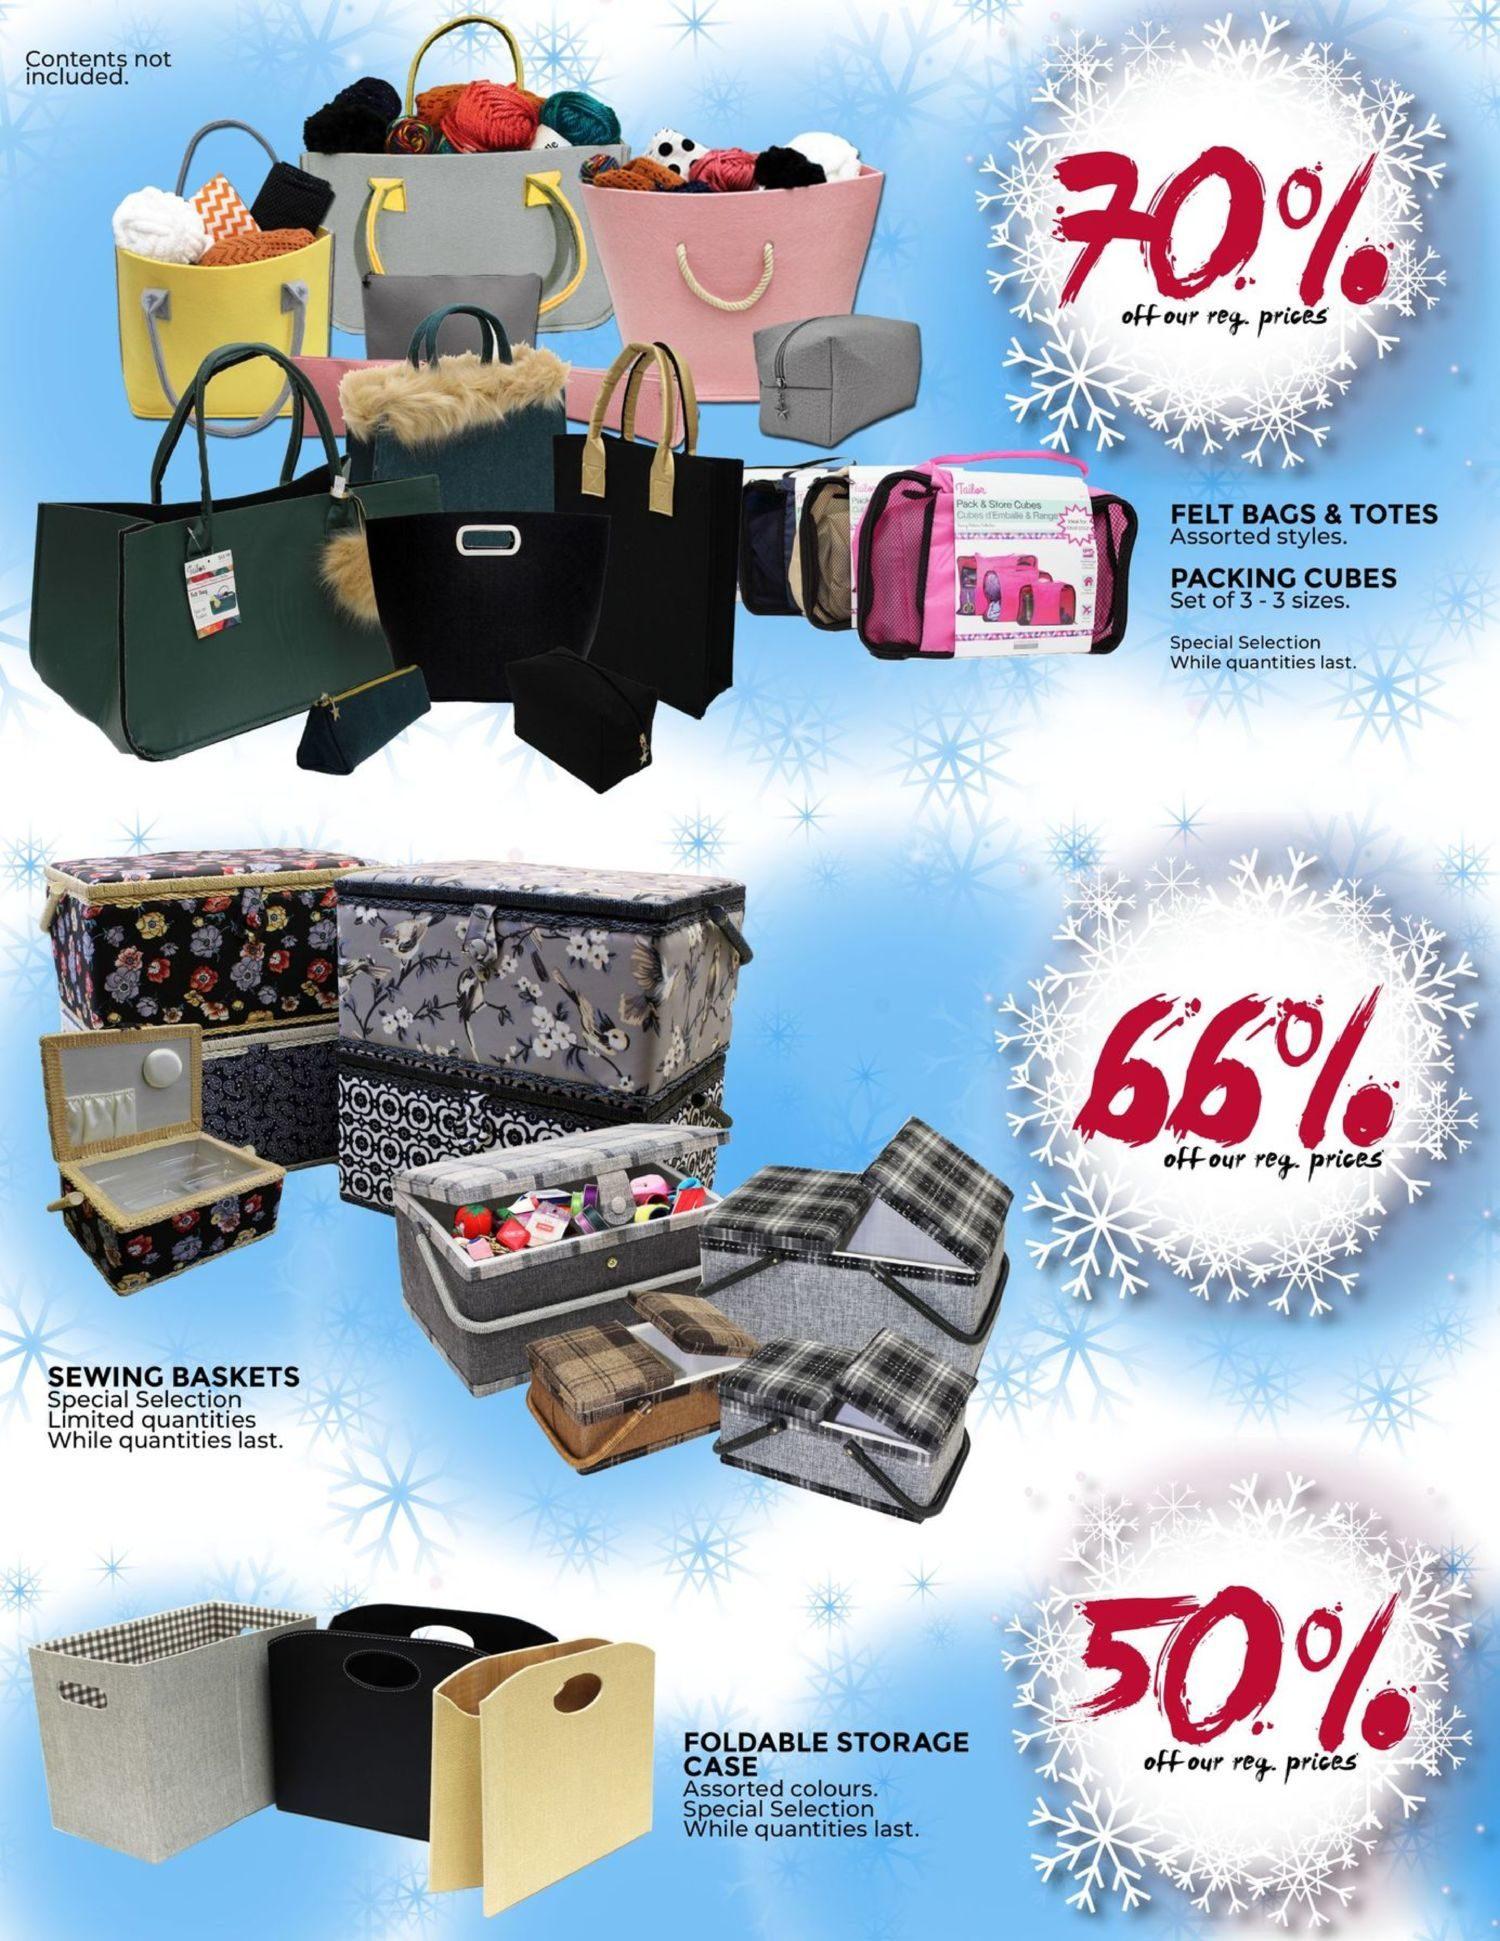 Fabricland - January's Deep Freeze Sale - Page 15